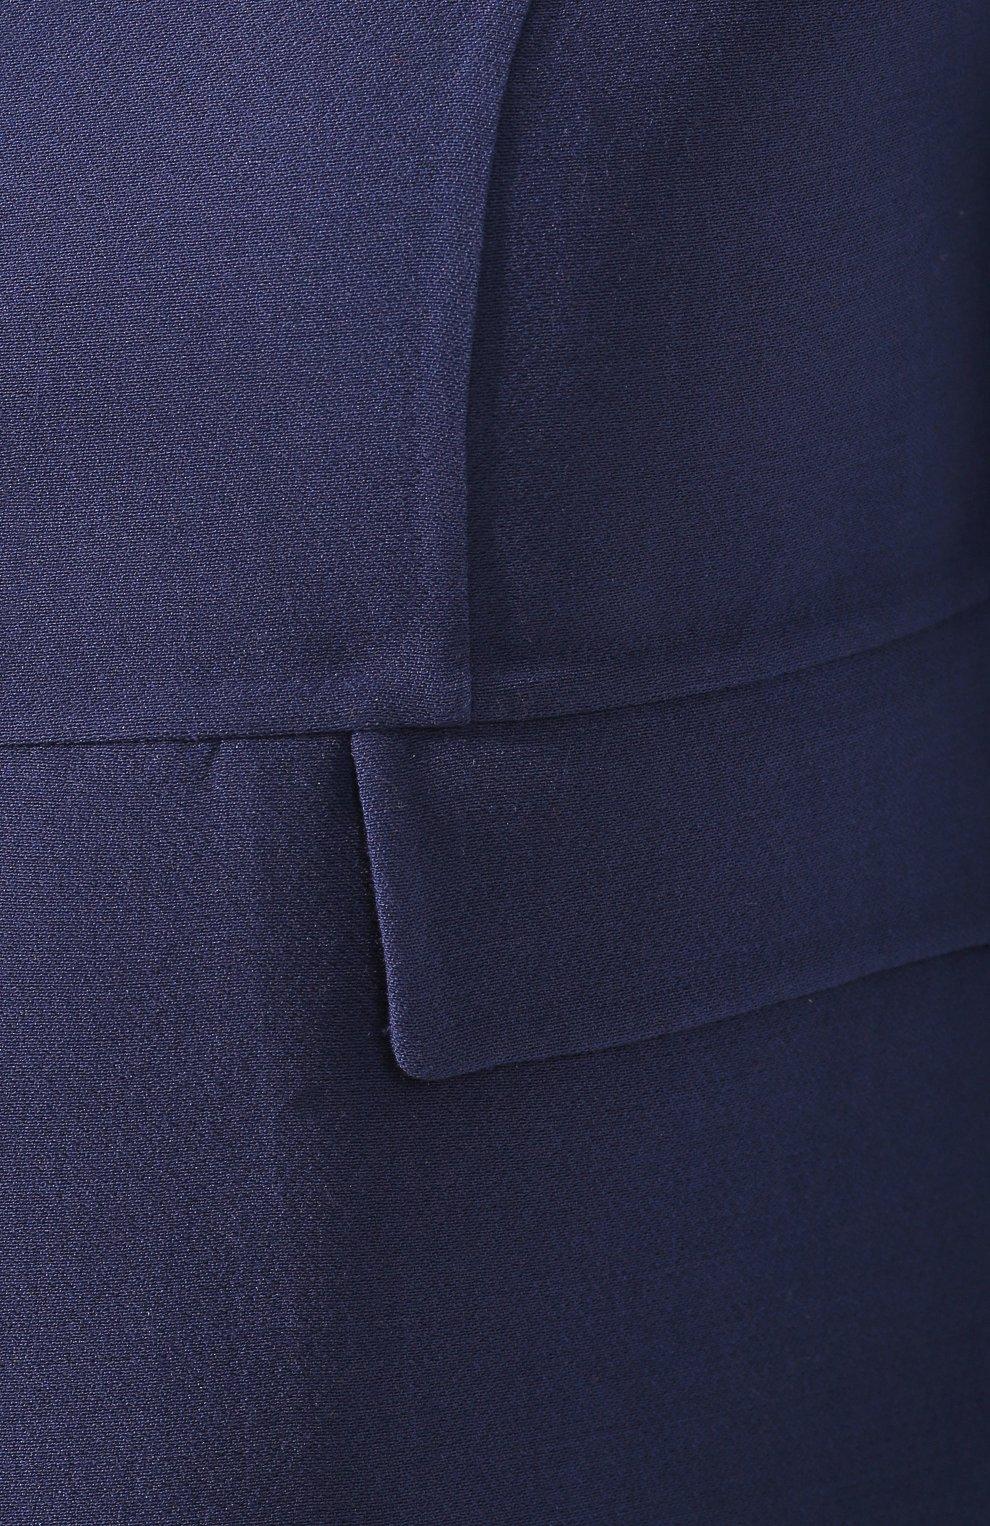 Шерстяной жакет Valentino синий | Фото №5